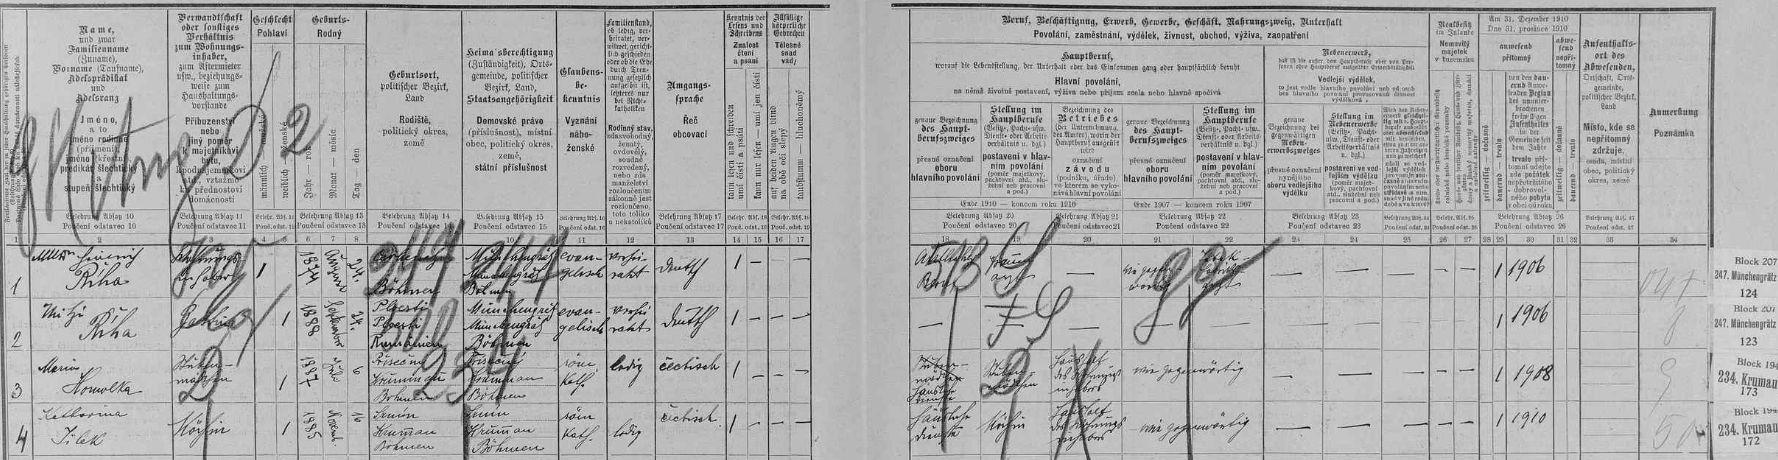 Arch sčítání lidu z roku 1910 pro dům čp. 16 na českobudějovickém náměstí, kde bydlel se svou ženou a českou služebnou i kuchařkou